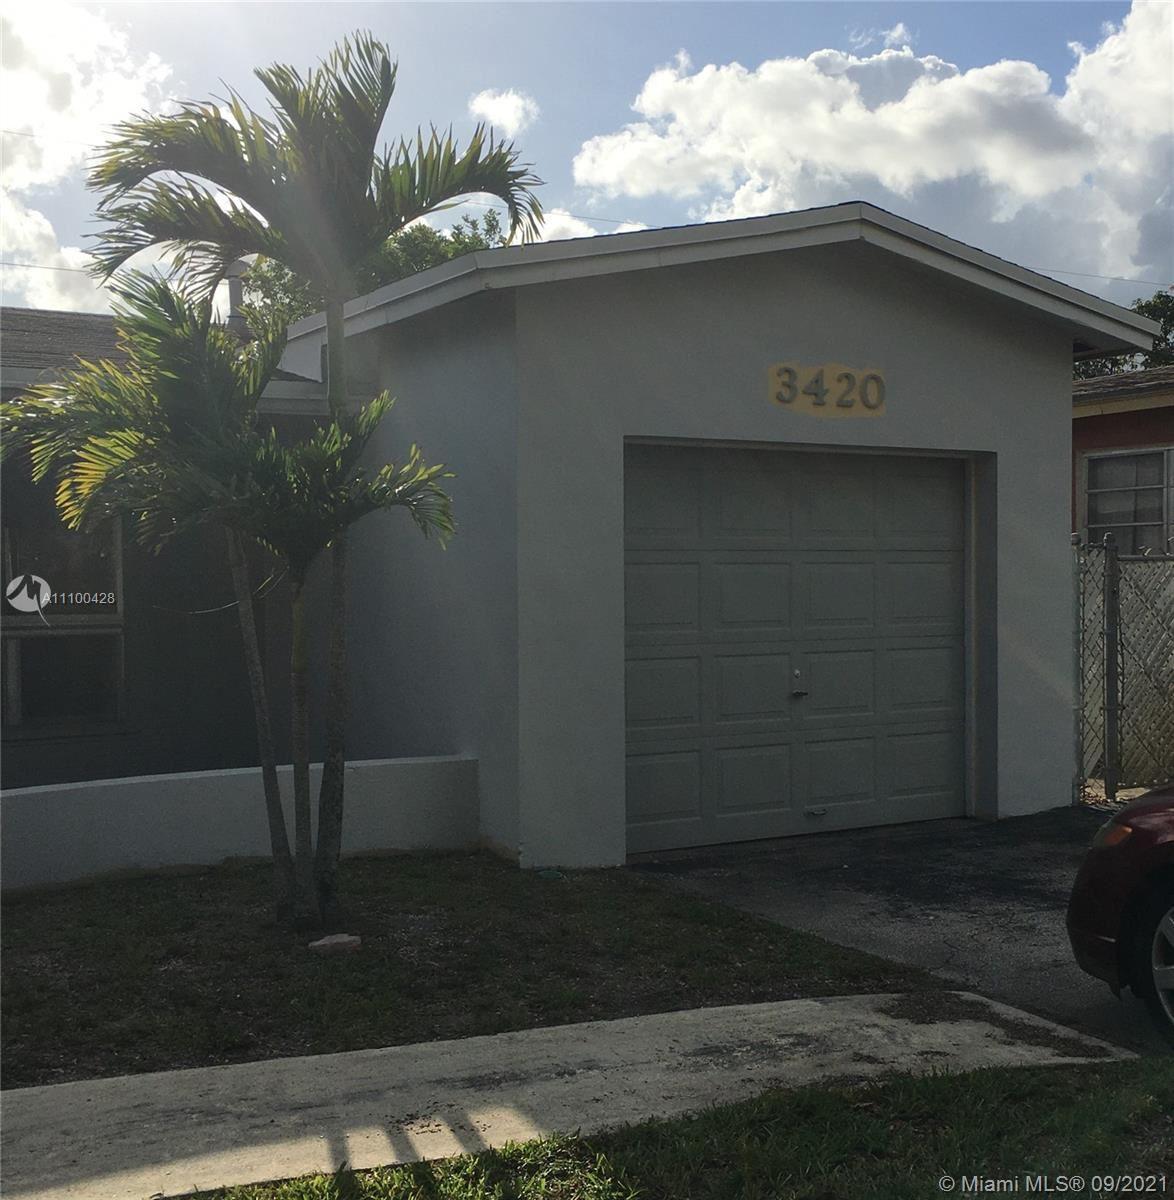 3420 Island Dr, Miramar, FL 33023 - #: A11100428